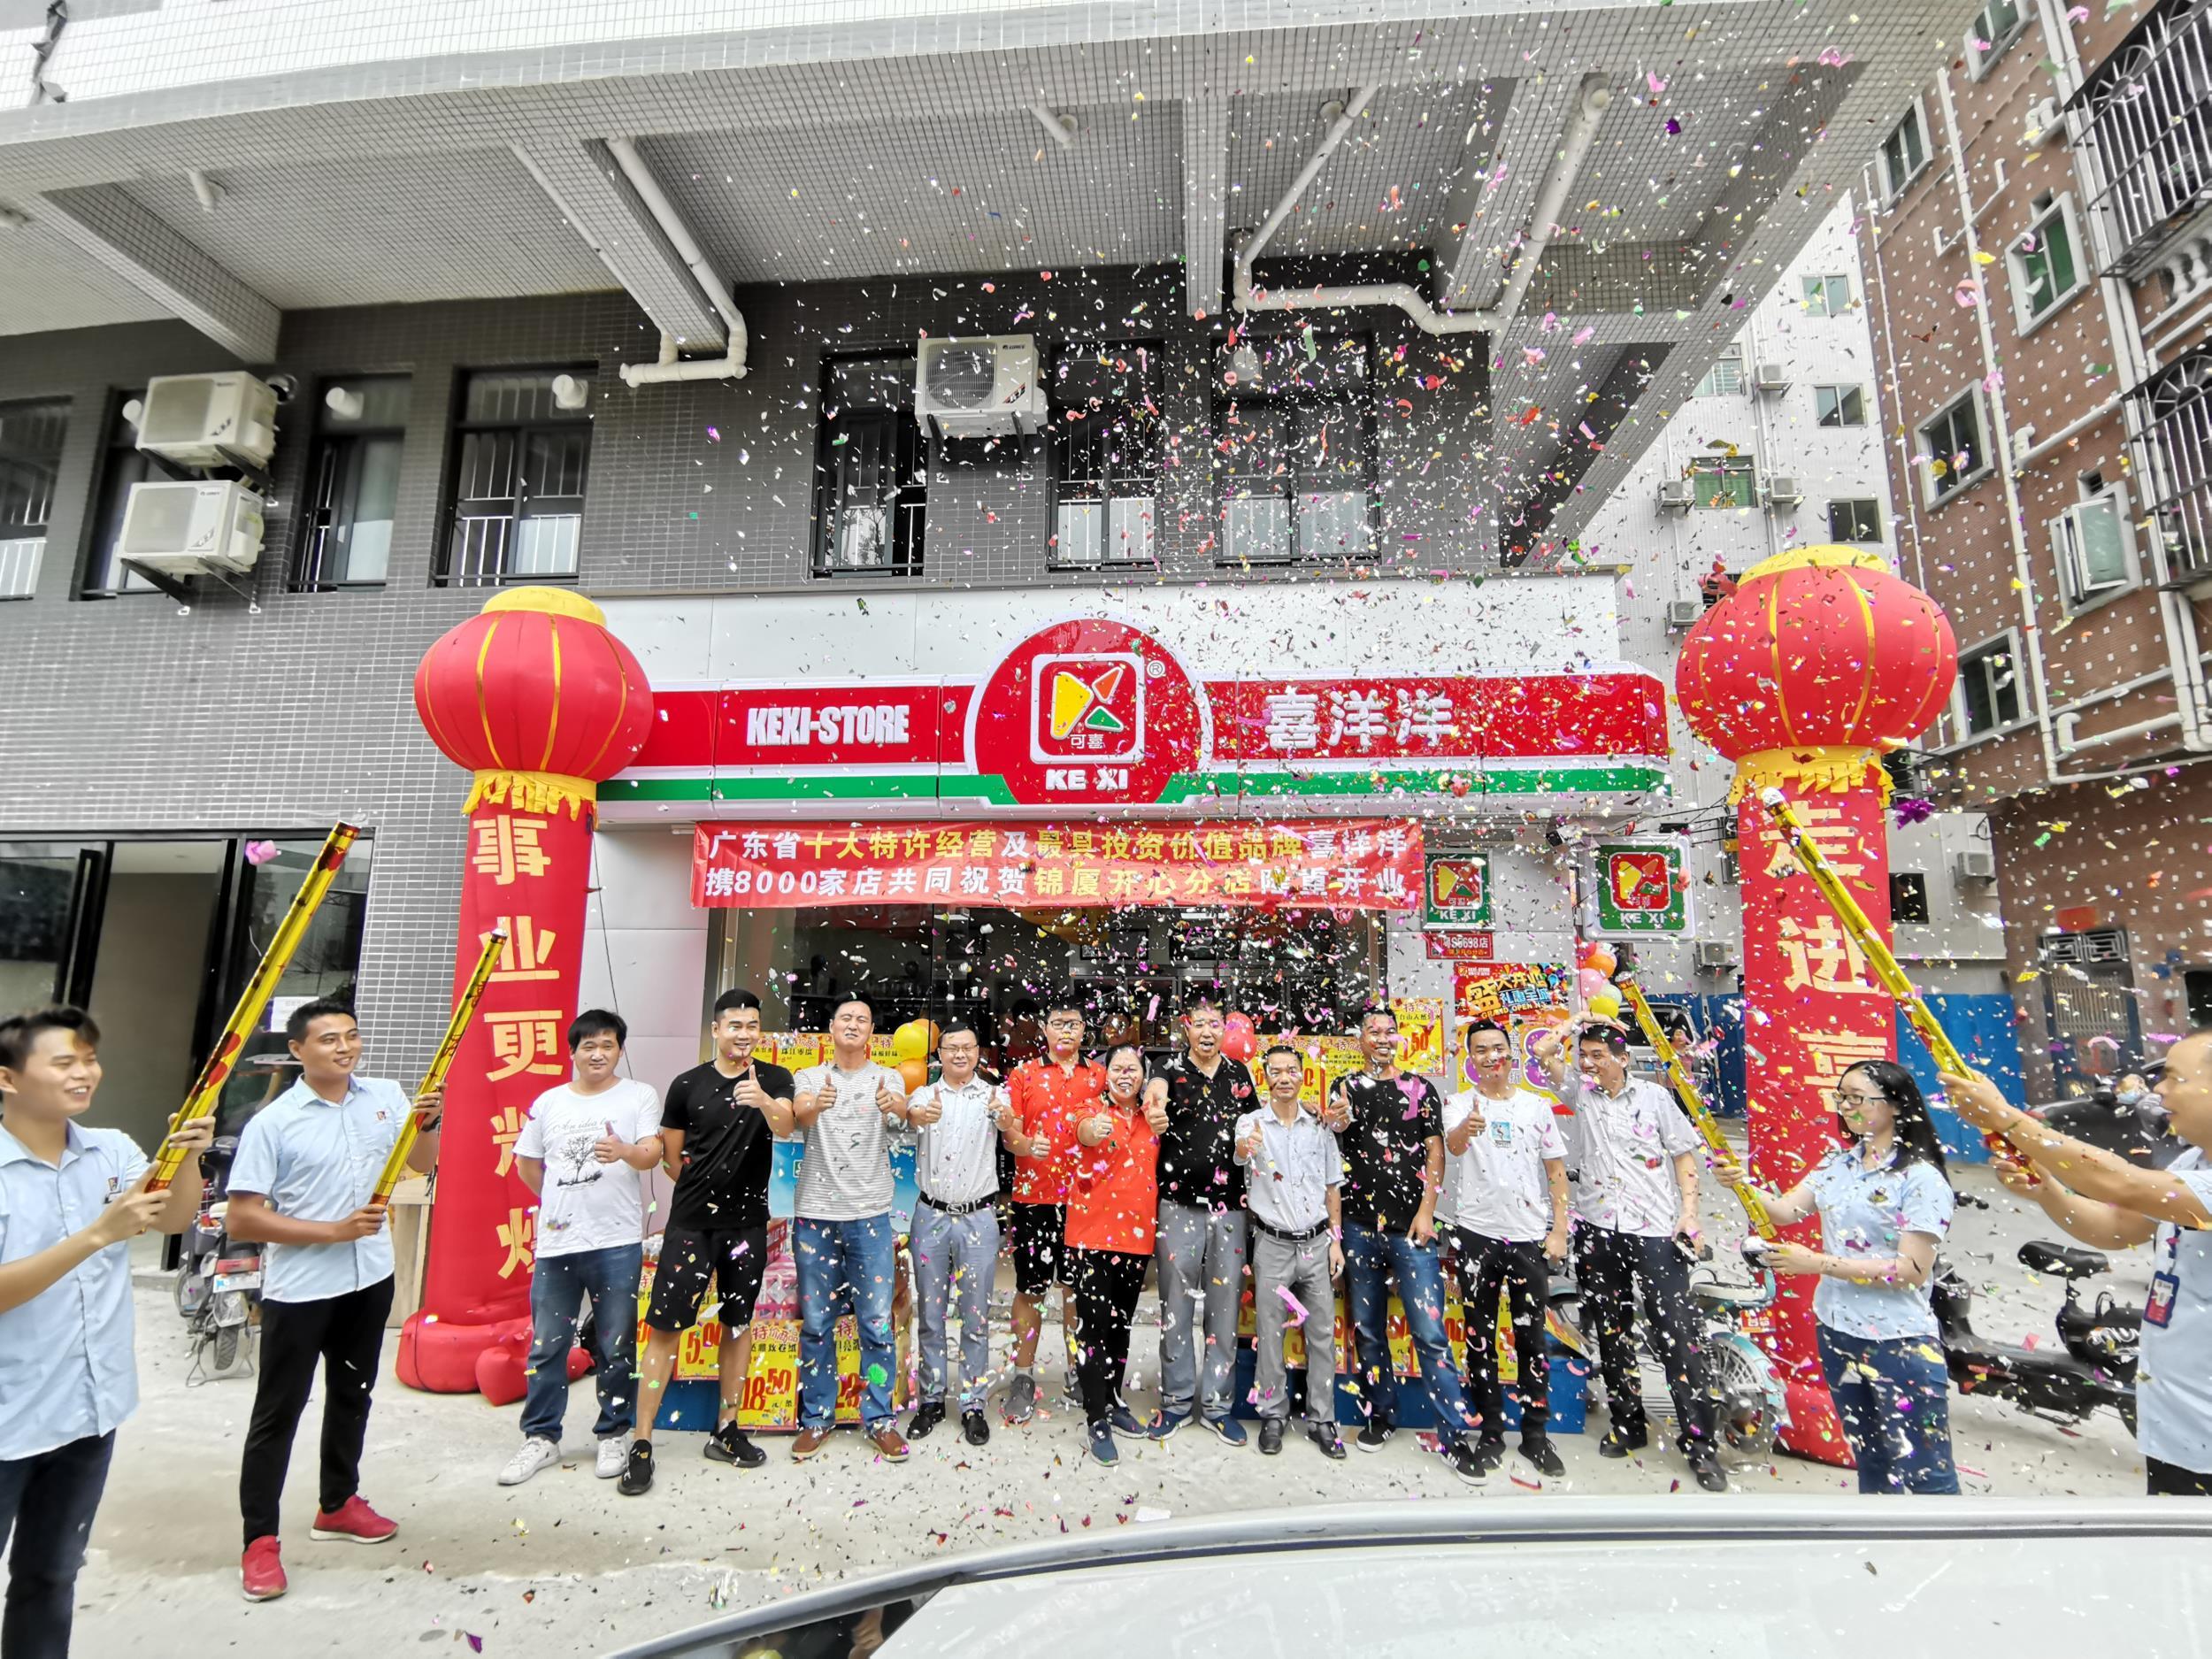 热烈祝贺喜洋洋8月4日又迎来新店开业:长安开心分店